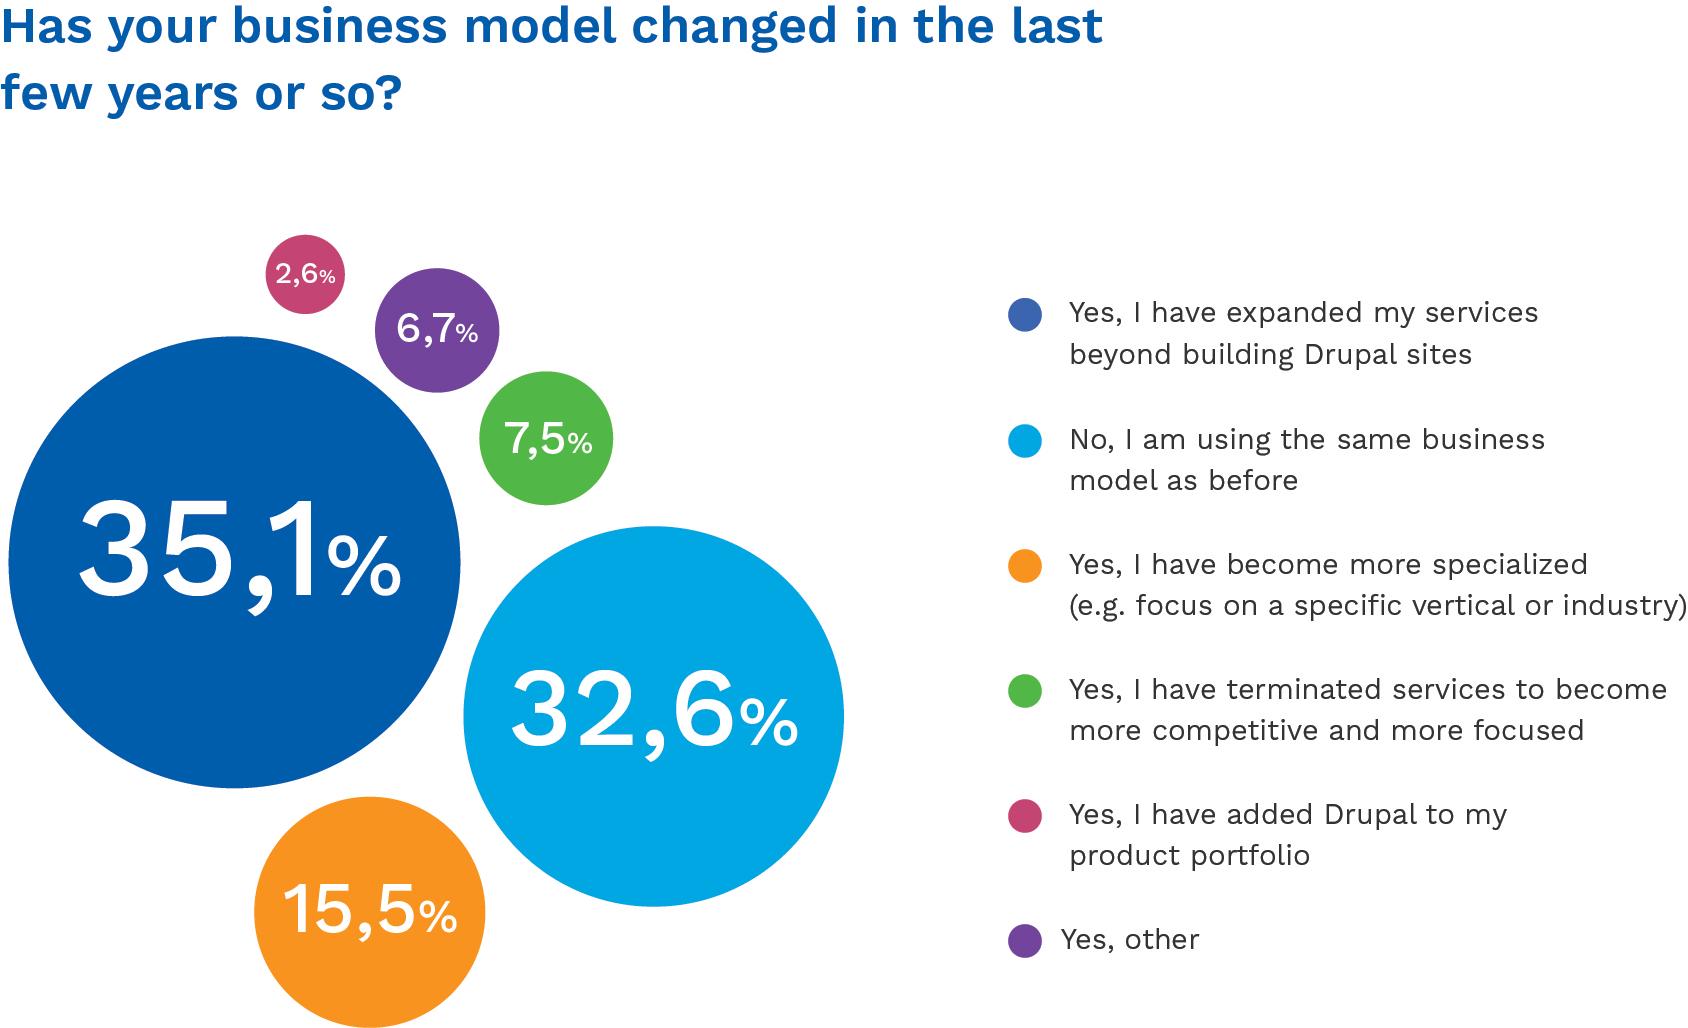 Drupal agency business models